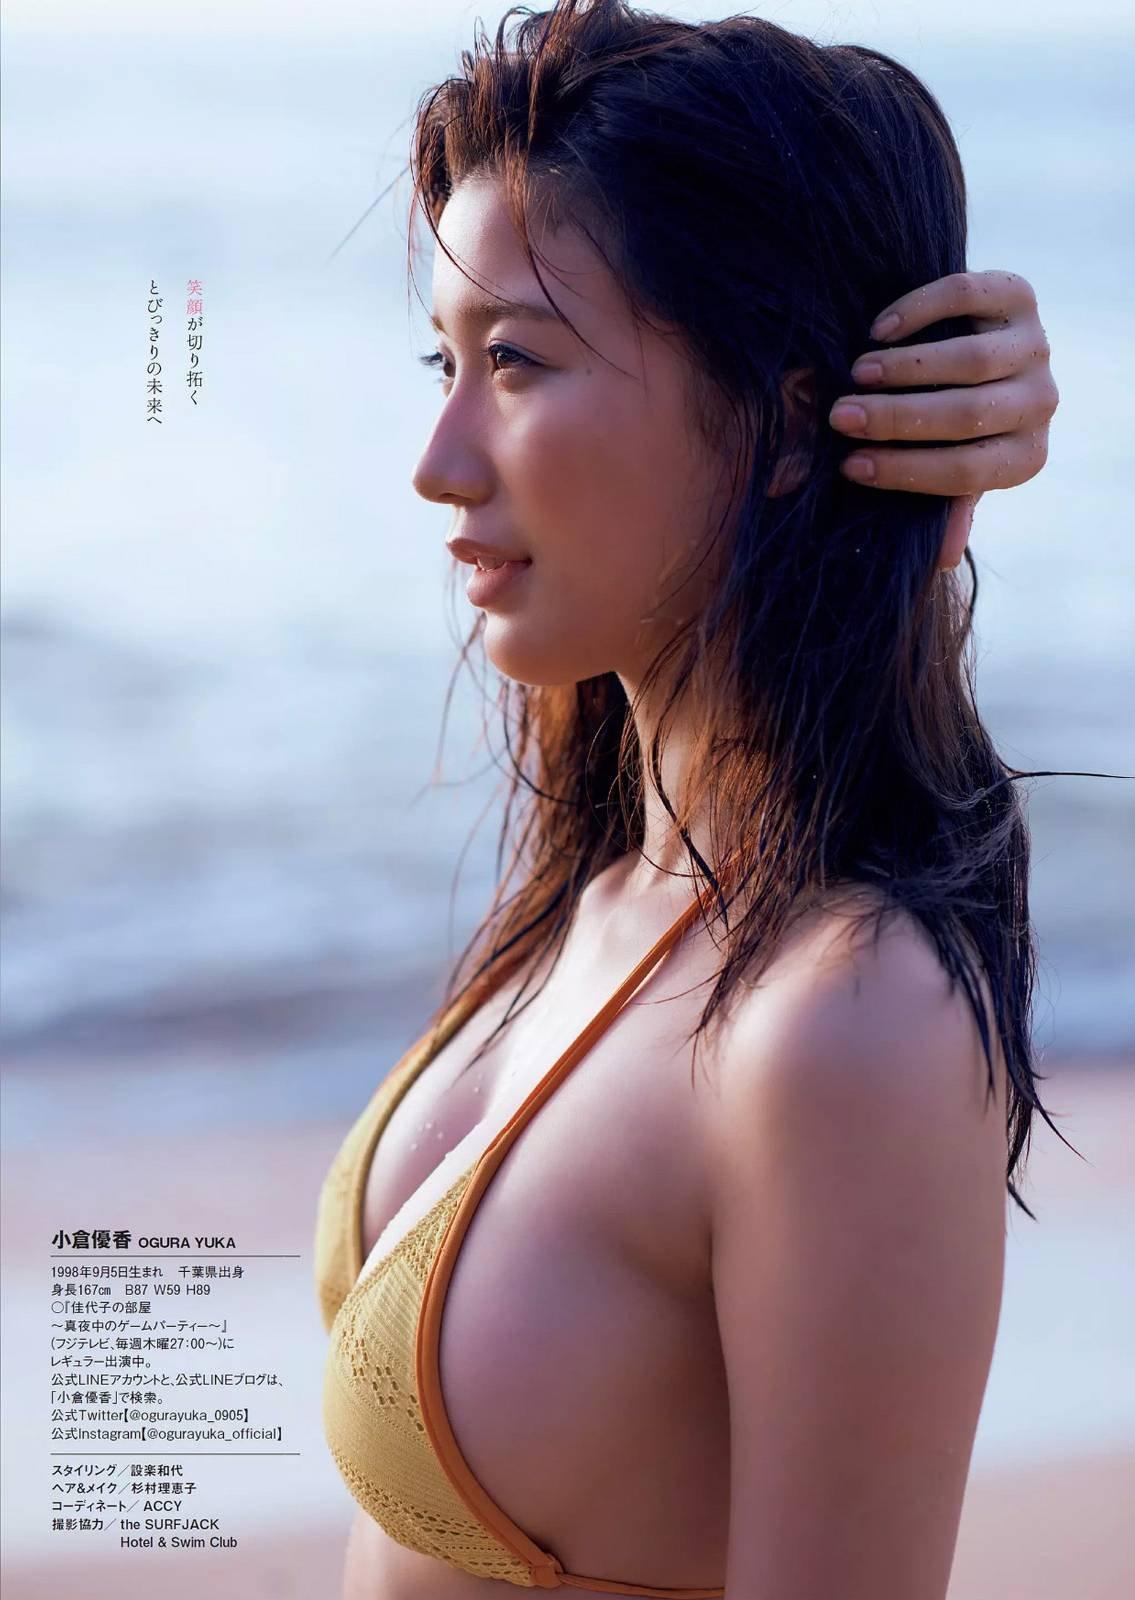 Magazine, Ogura Yuka (小倉優香), Weekly Playboy Magazine